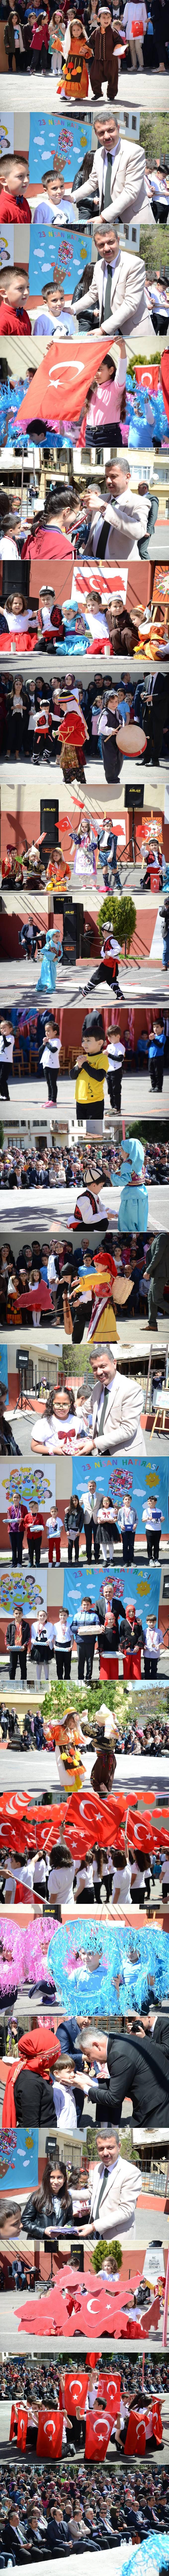 23 Nisan Ulusal Egemenlik ve Çocuk Bayramı'nın 99. Yıldönümü Dumlupınar İlkokulu Bahçesinde coşkulu bir şekilde kutlandı.